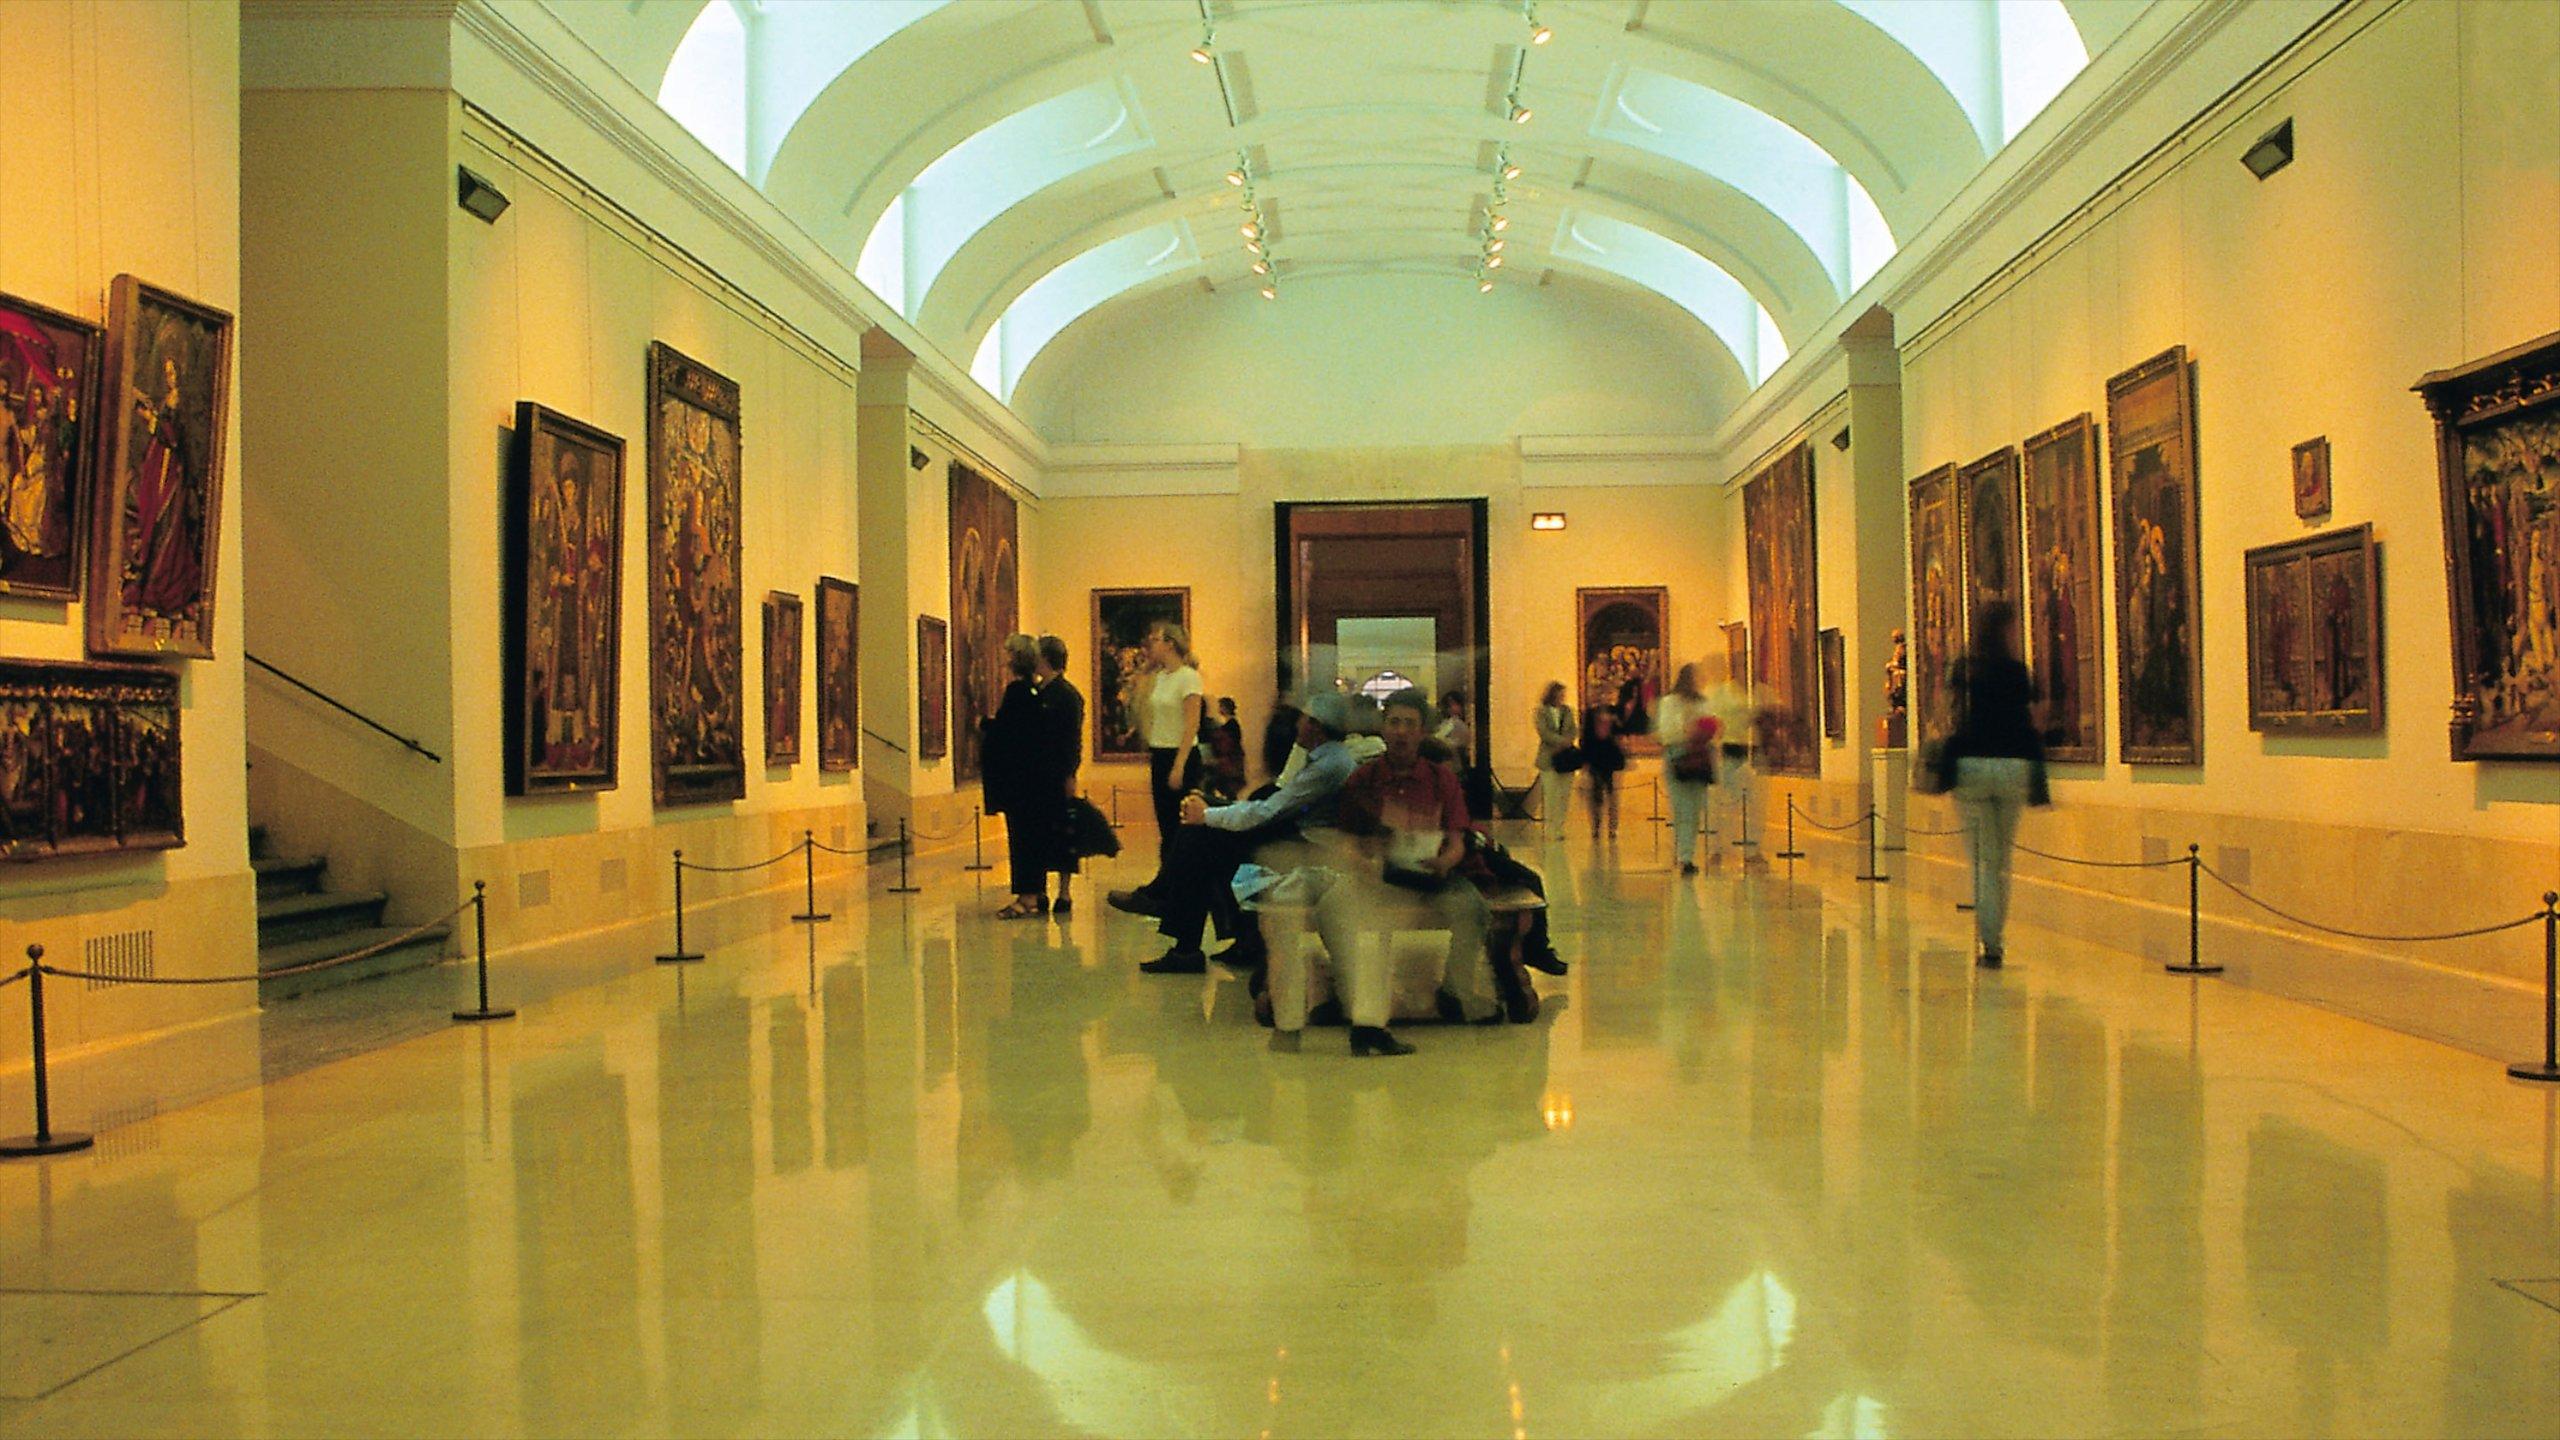 Se trata de un museo de arte que perfectamente podría competir con el Louvre o la British National Gallery. Aquí verás algunas de las obras de arte más refinadas de Europa.